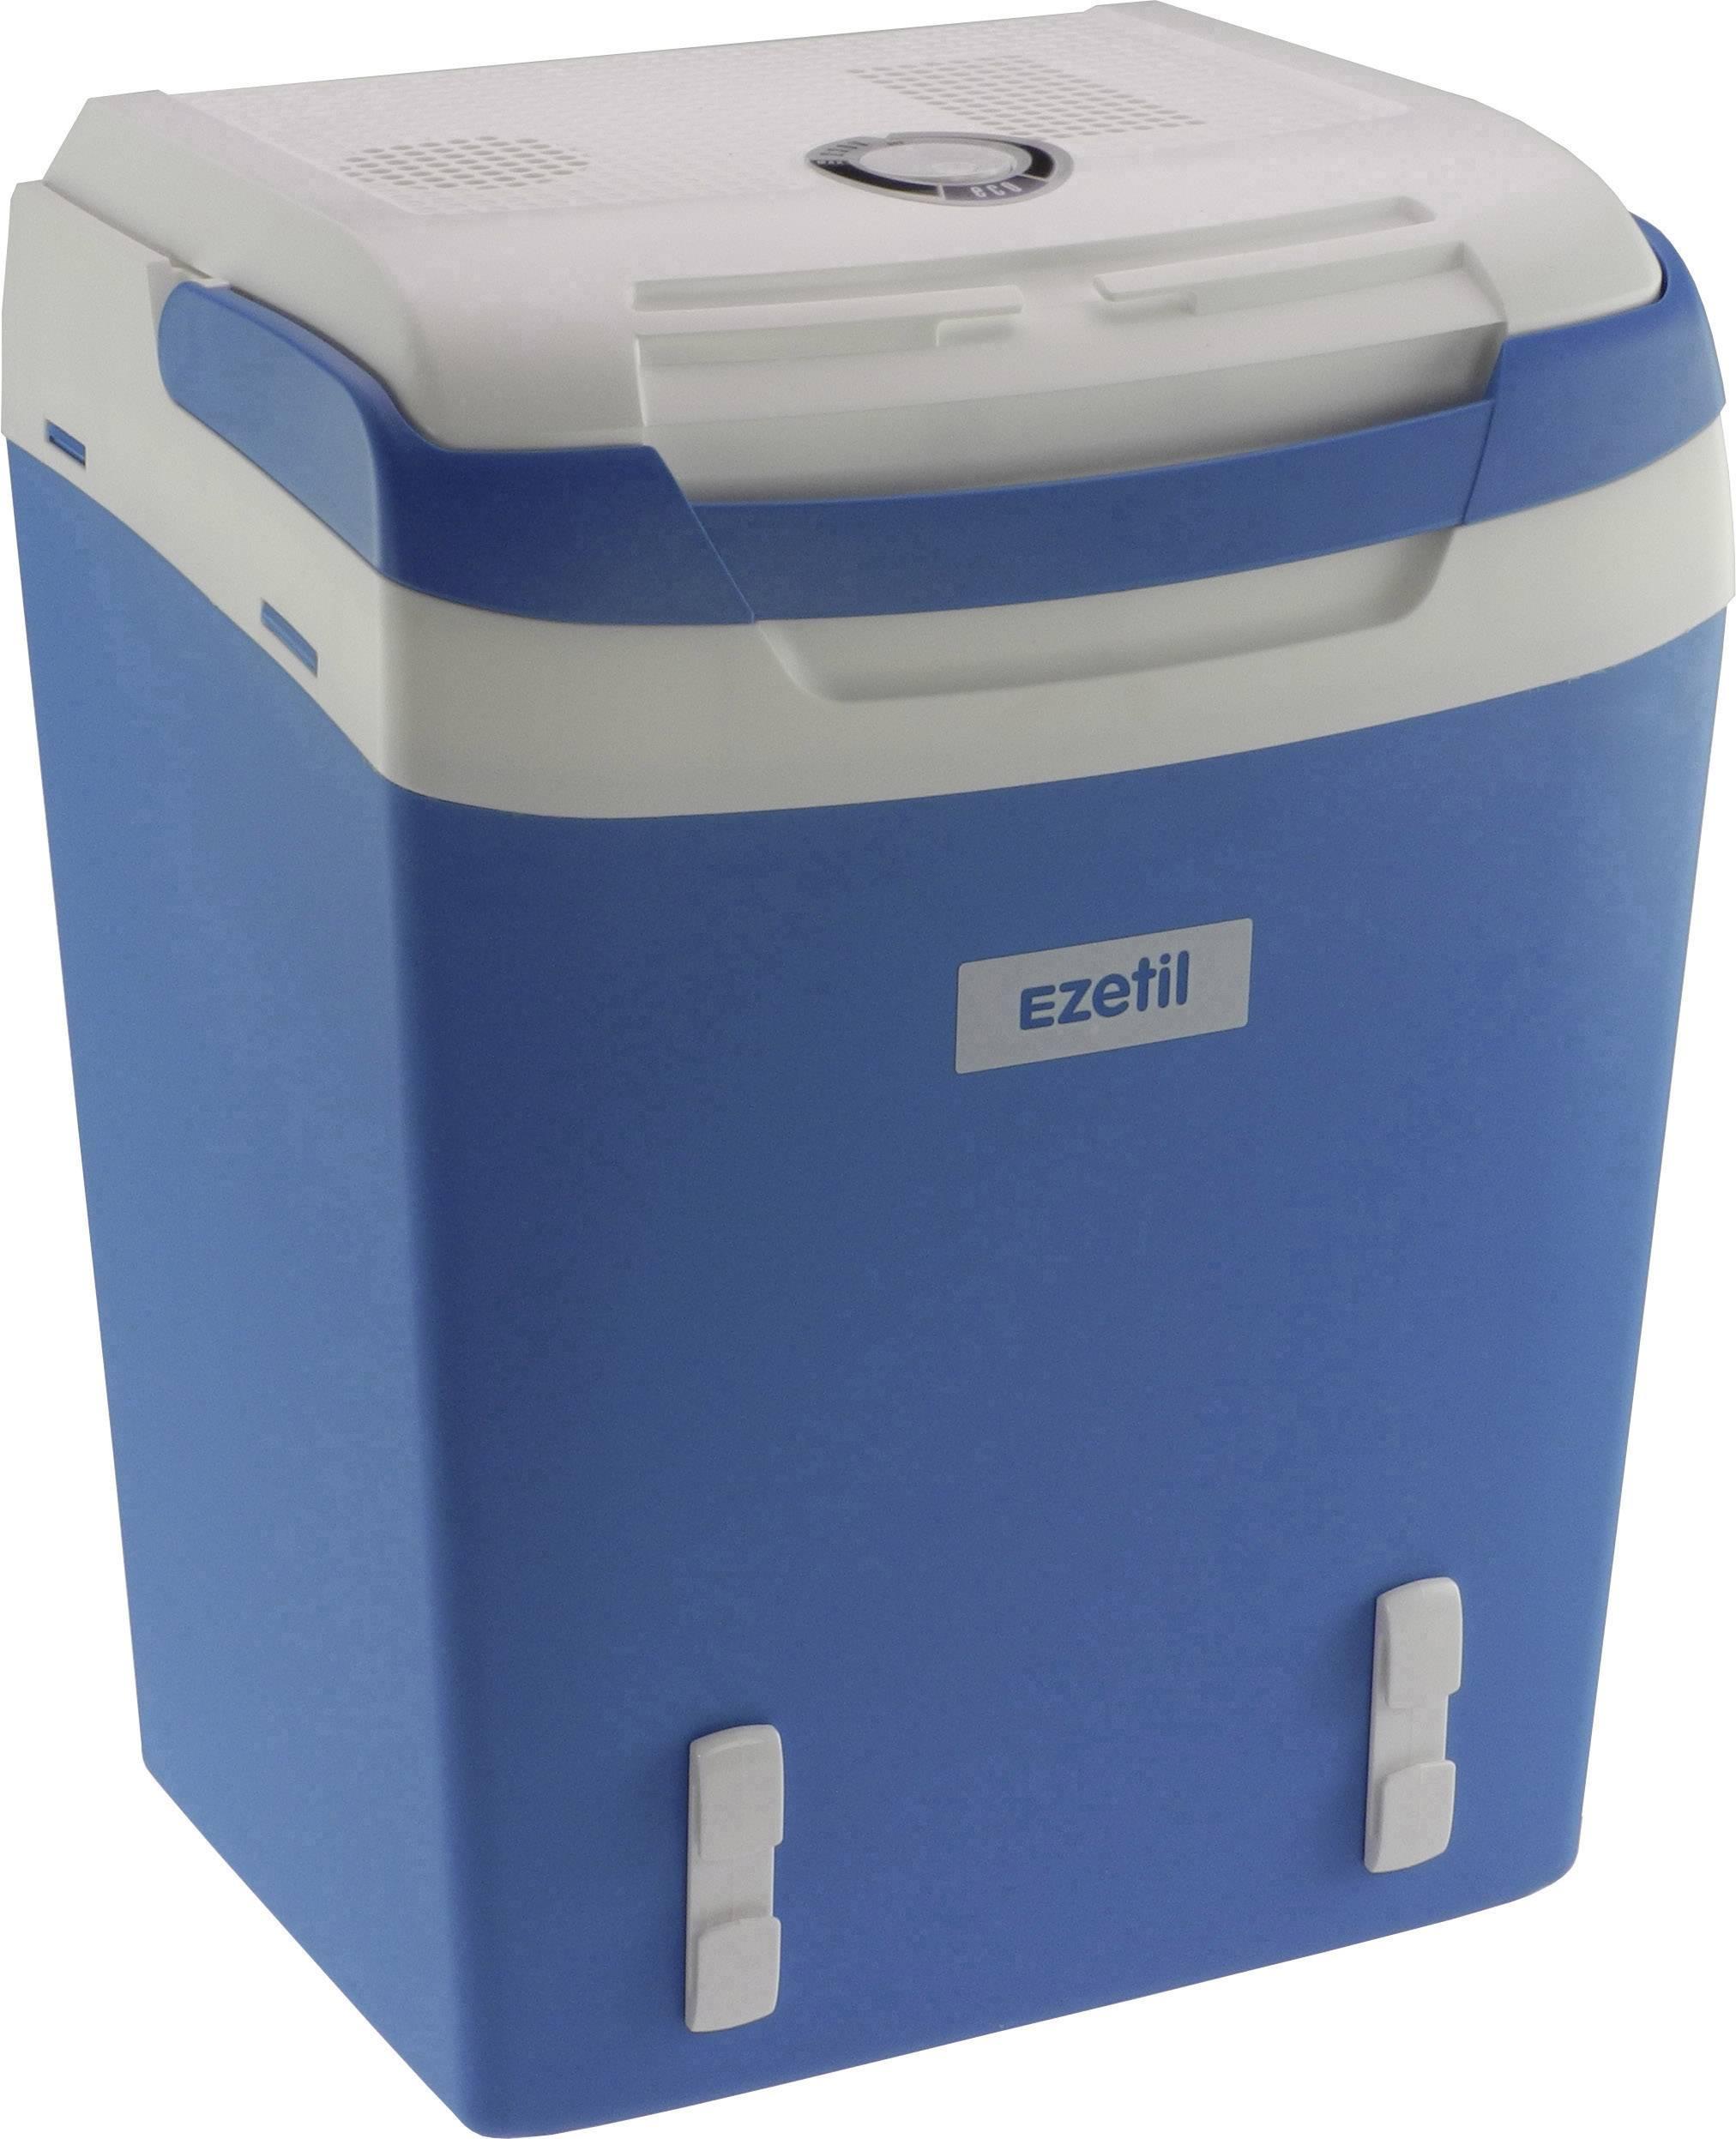 Přenosná lednice (autochladnička) Ezetil E32M 12/230V ssbf, 230 V, 12 V, 29 l, modrá